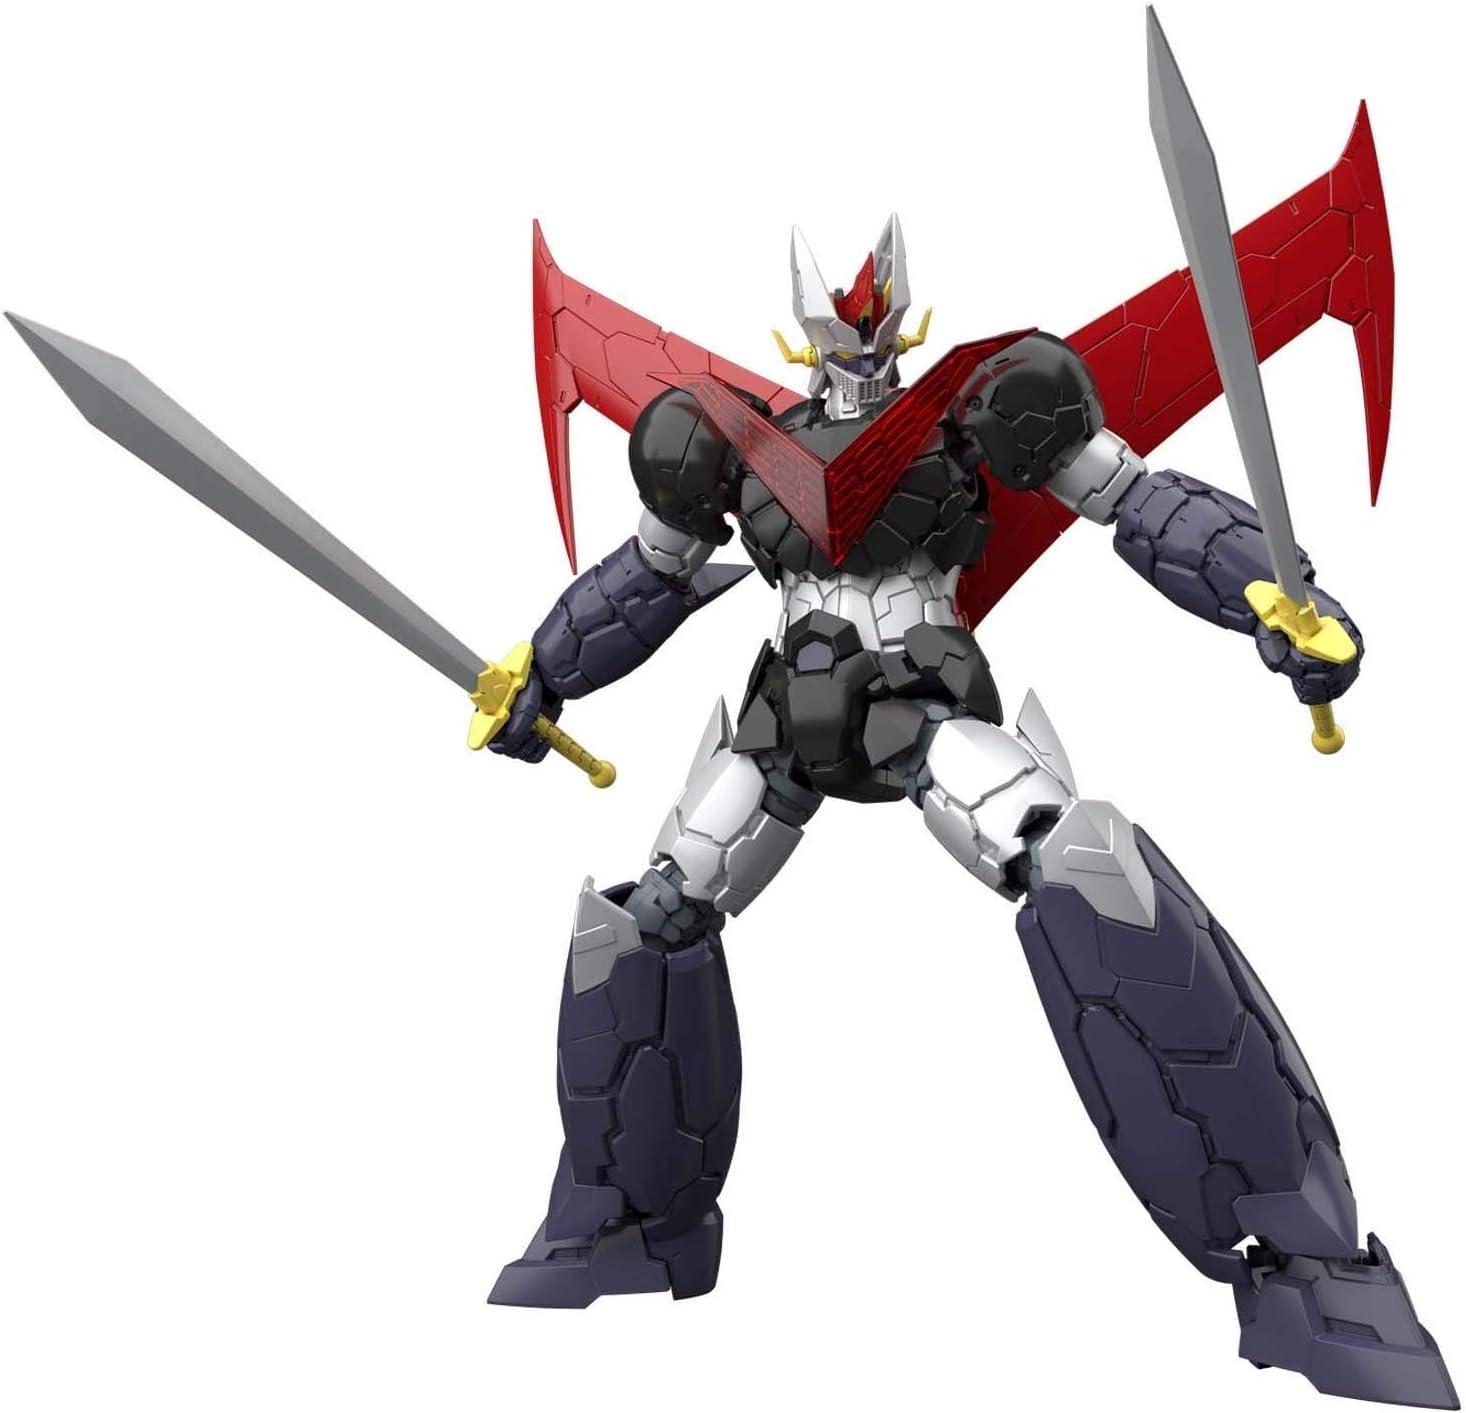 Bandai Hobby- Gundam Model Kit Mazinger Z, Multicolor, Scala 1/144 (Bandai BDHMA553232): Amazon.es: Juguetes y juegos